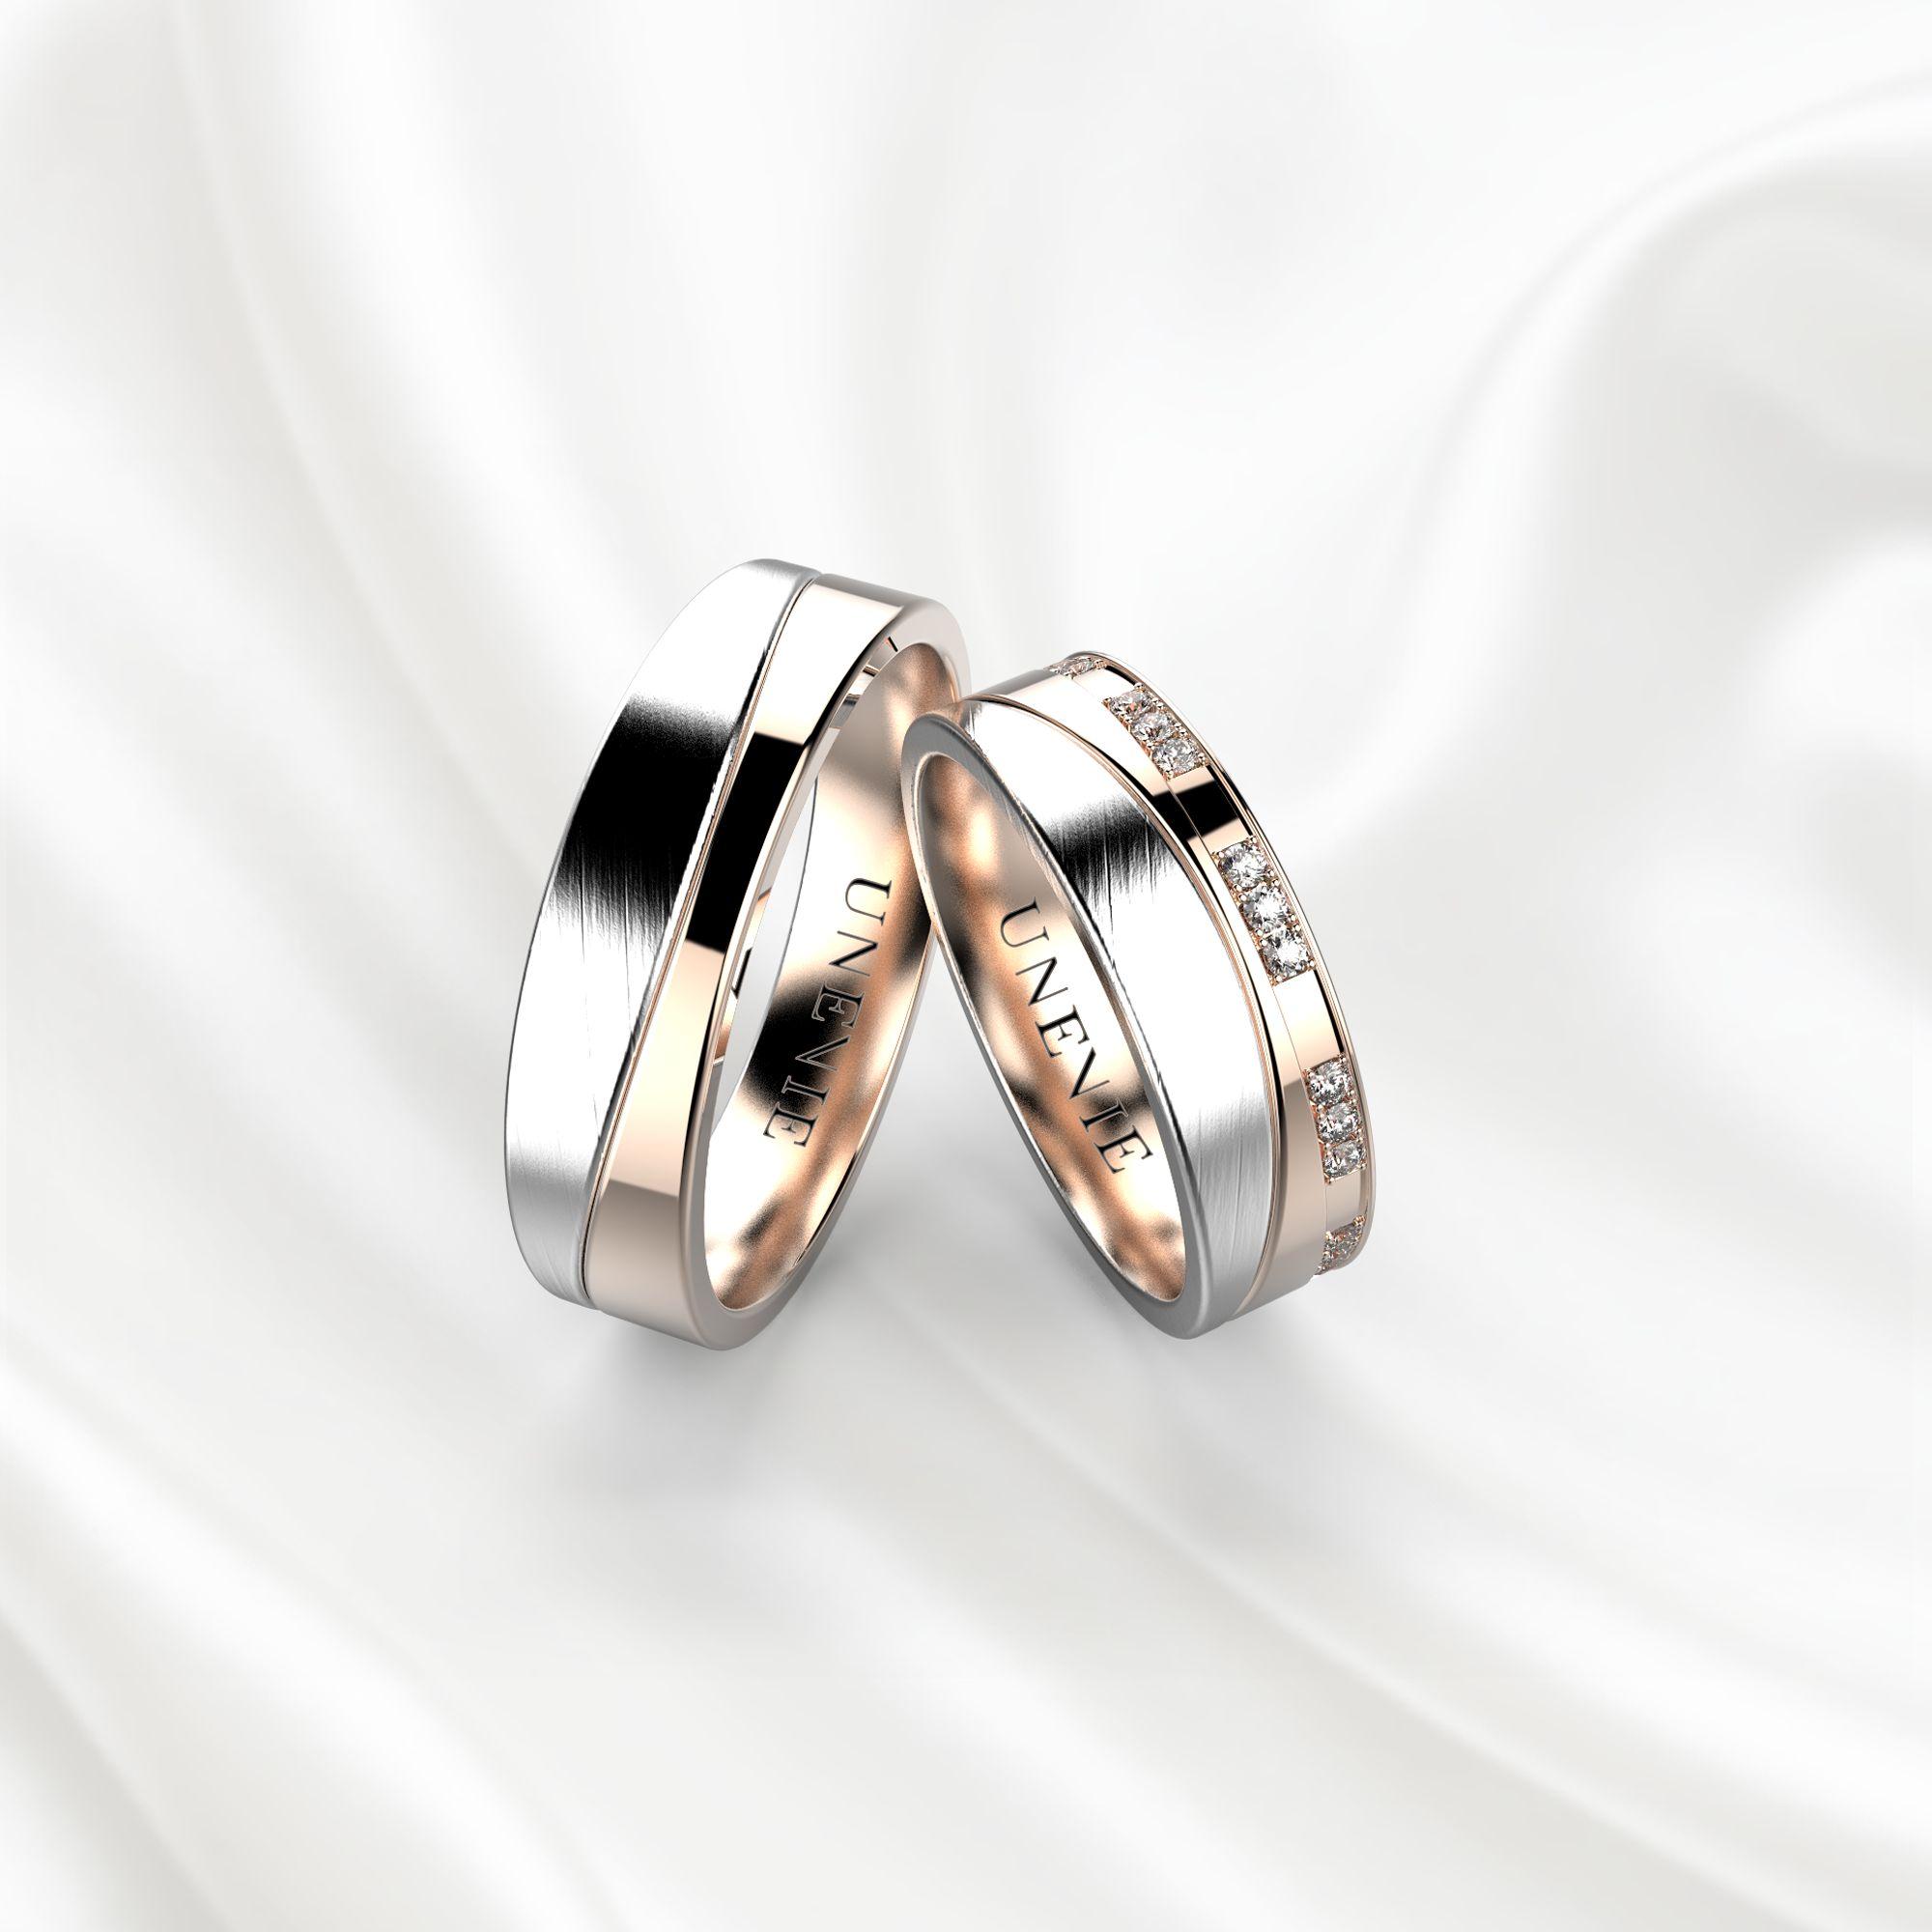 NV4 Обручальные кольца из бело-розового золота